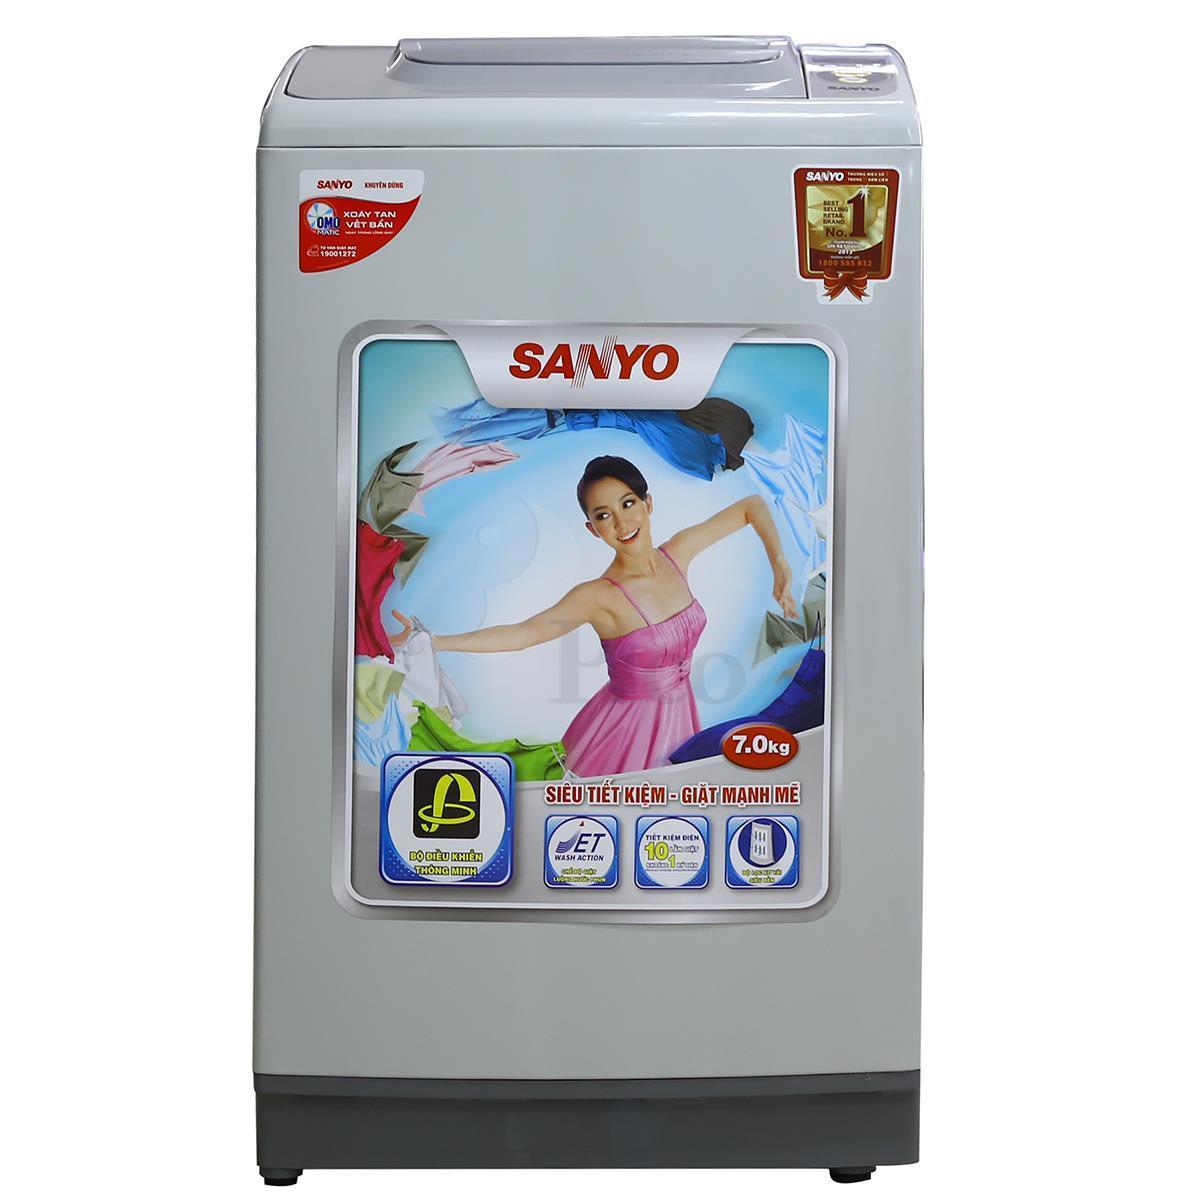 Máy giặt Sanyo 7kg cũ chính hãng giá rẻ tại hải dương